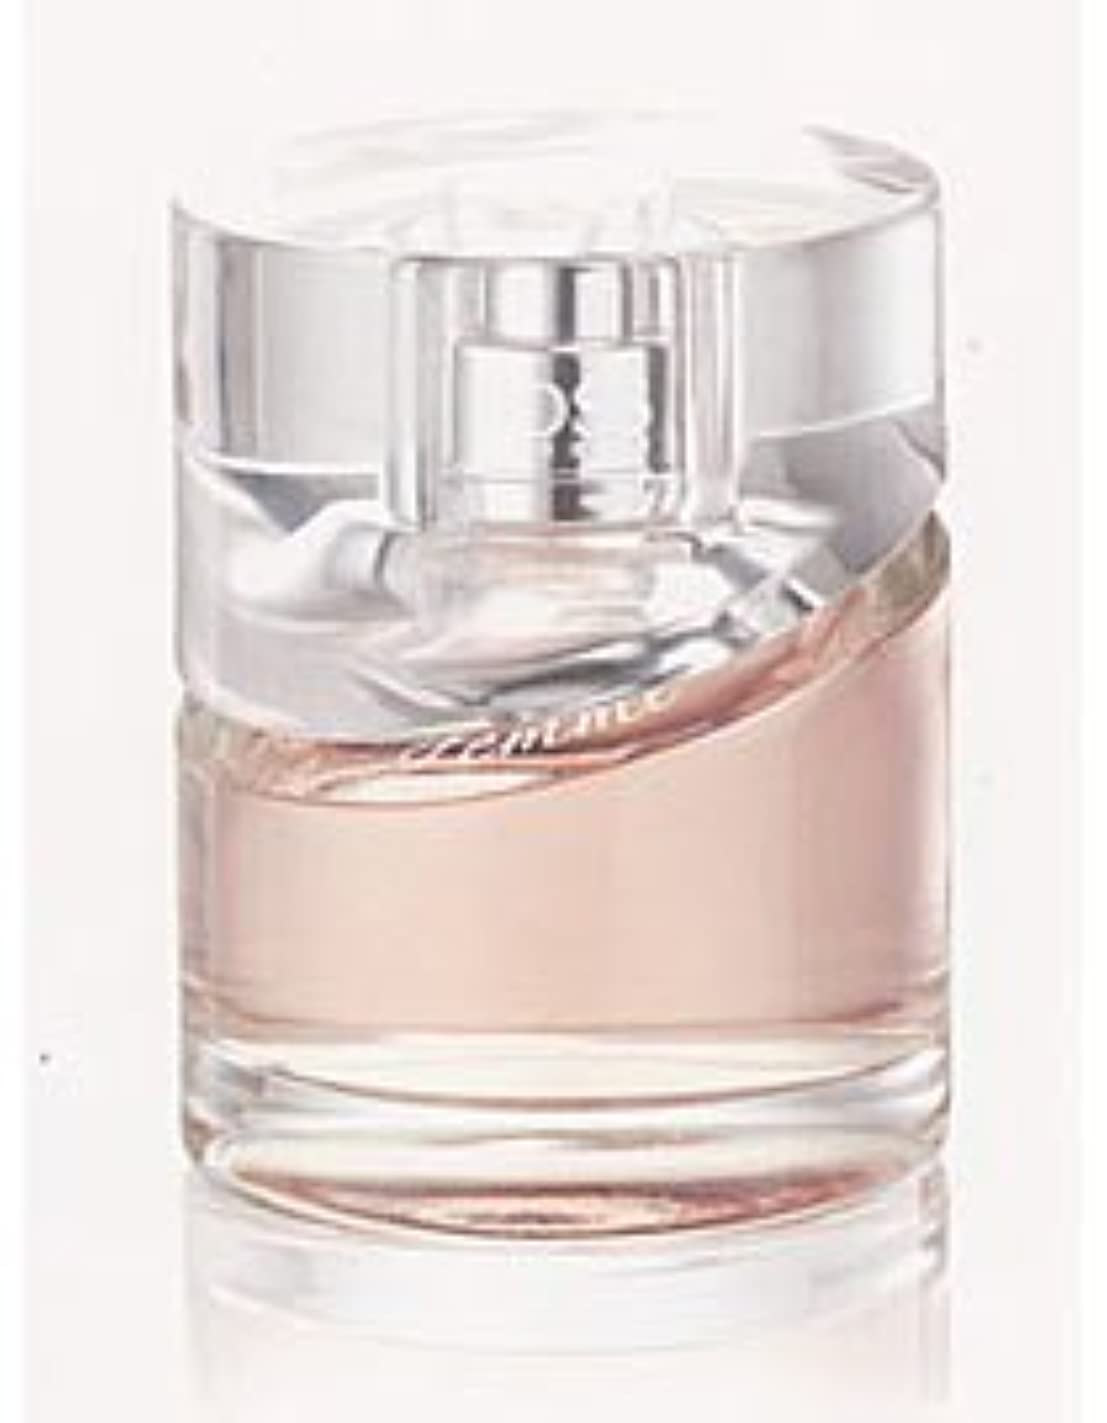 かける足首差別[LOreal] Mythic Oil Souffle dOr Sparkling Conditioner (For All Hair Types) 750ml/25.4oz